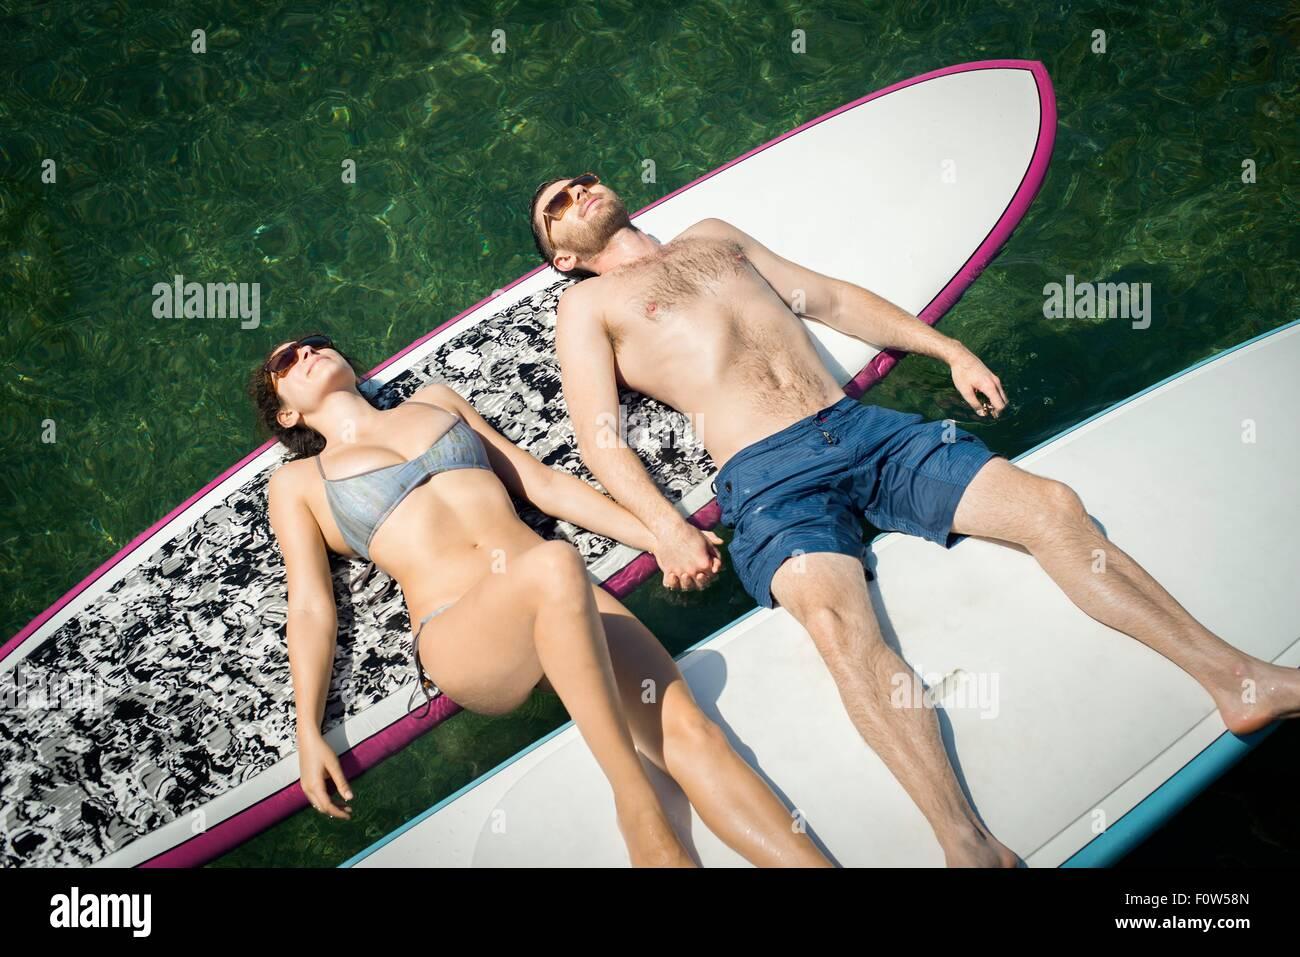 Vista aerea della coppia giovane a prendere il sole sul paddleboards Immagini Stock